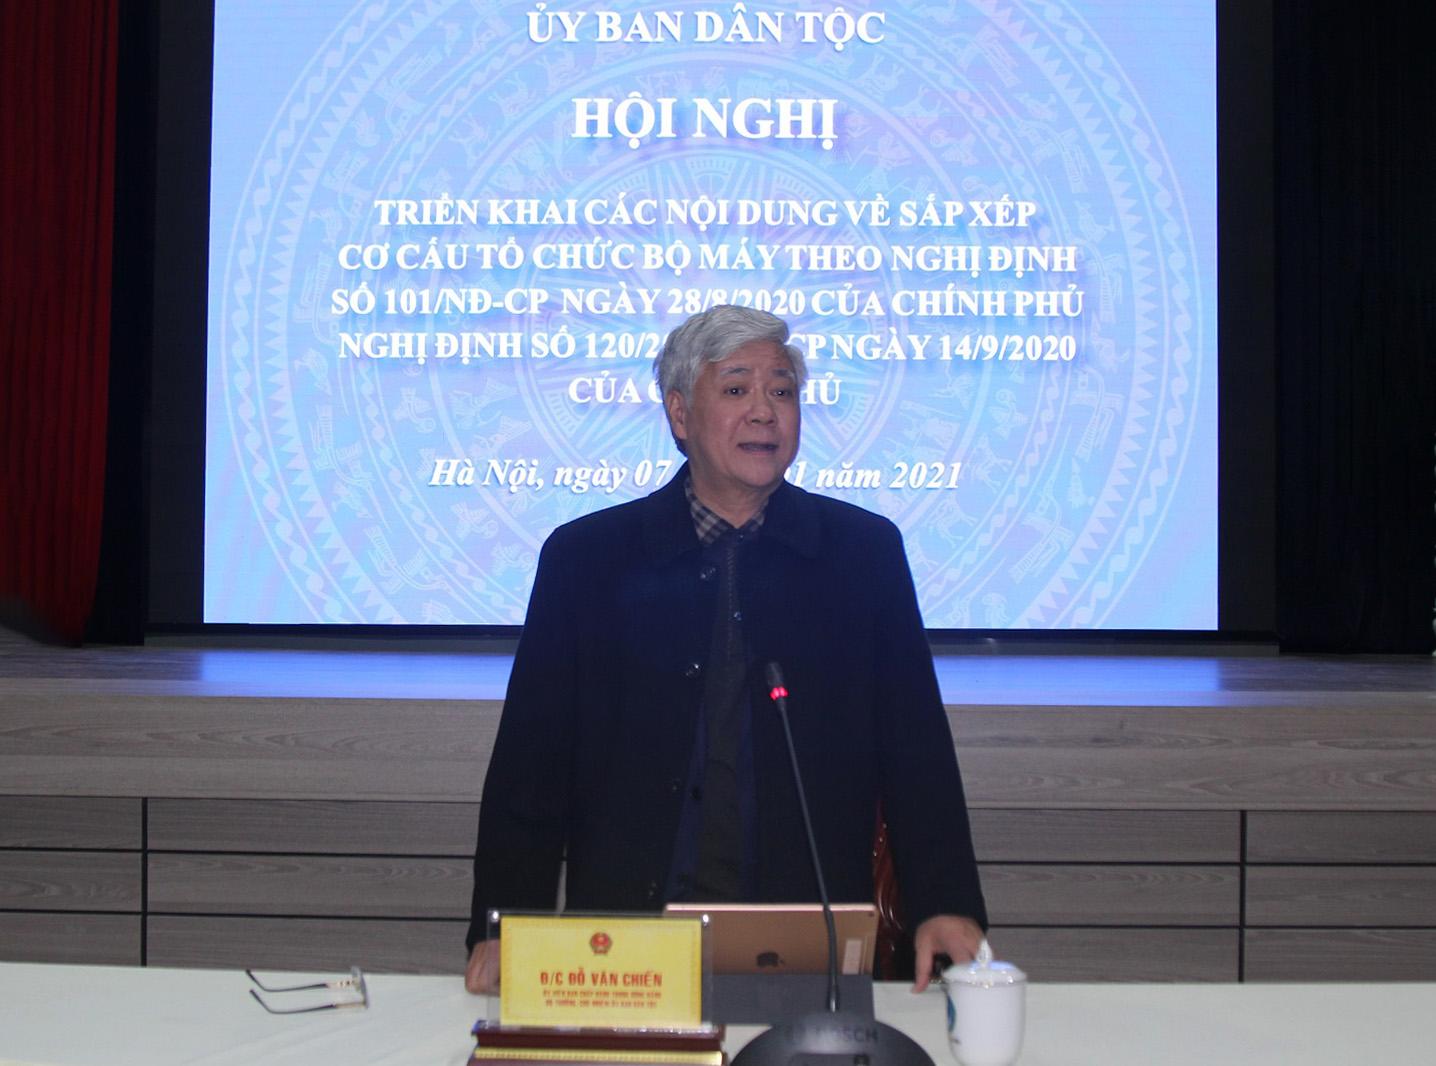 Bộ trưởng, Chủ nhiệm UBDT Đỗ Văn Chiến phát biểu tại Hội nghị